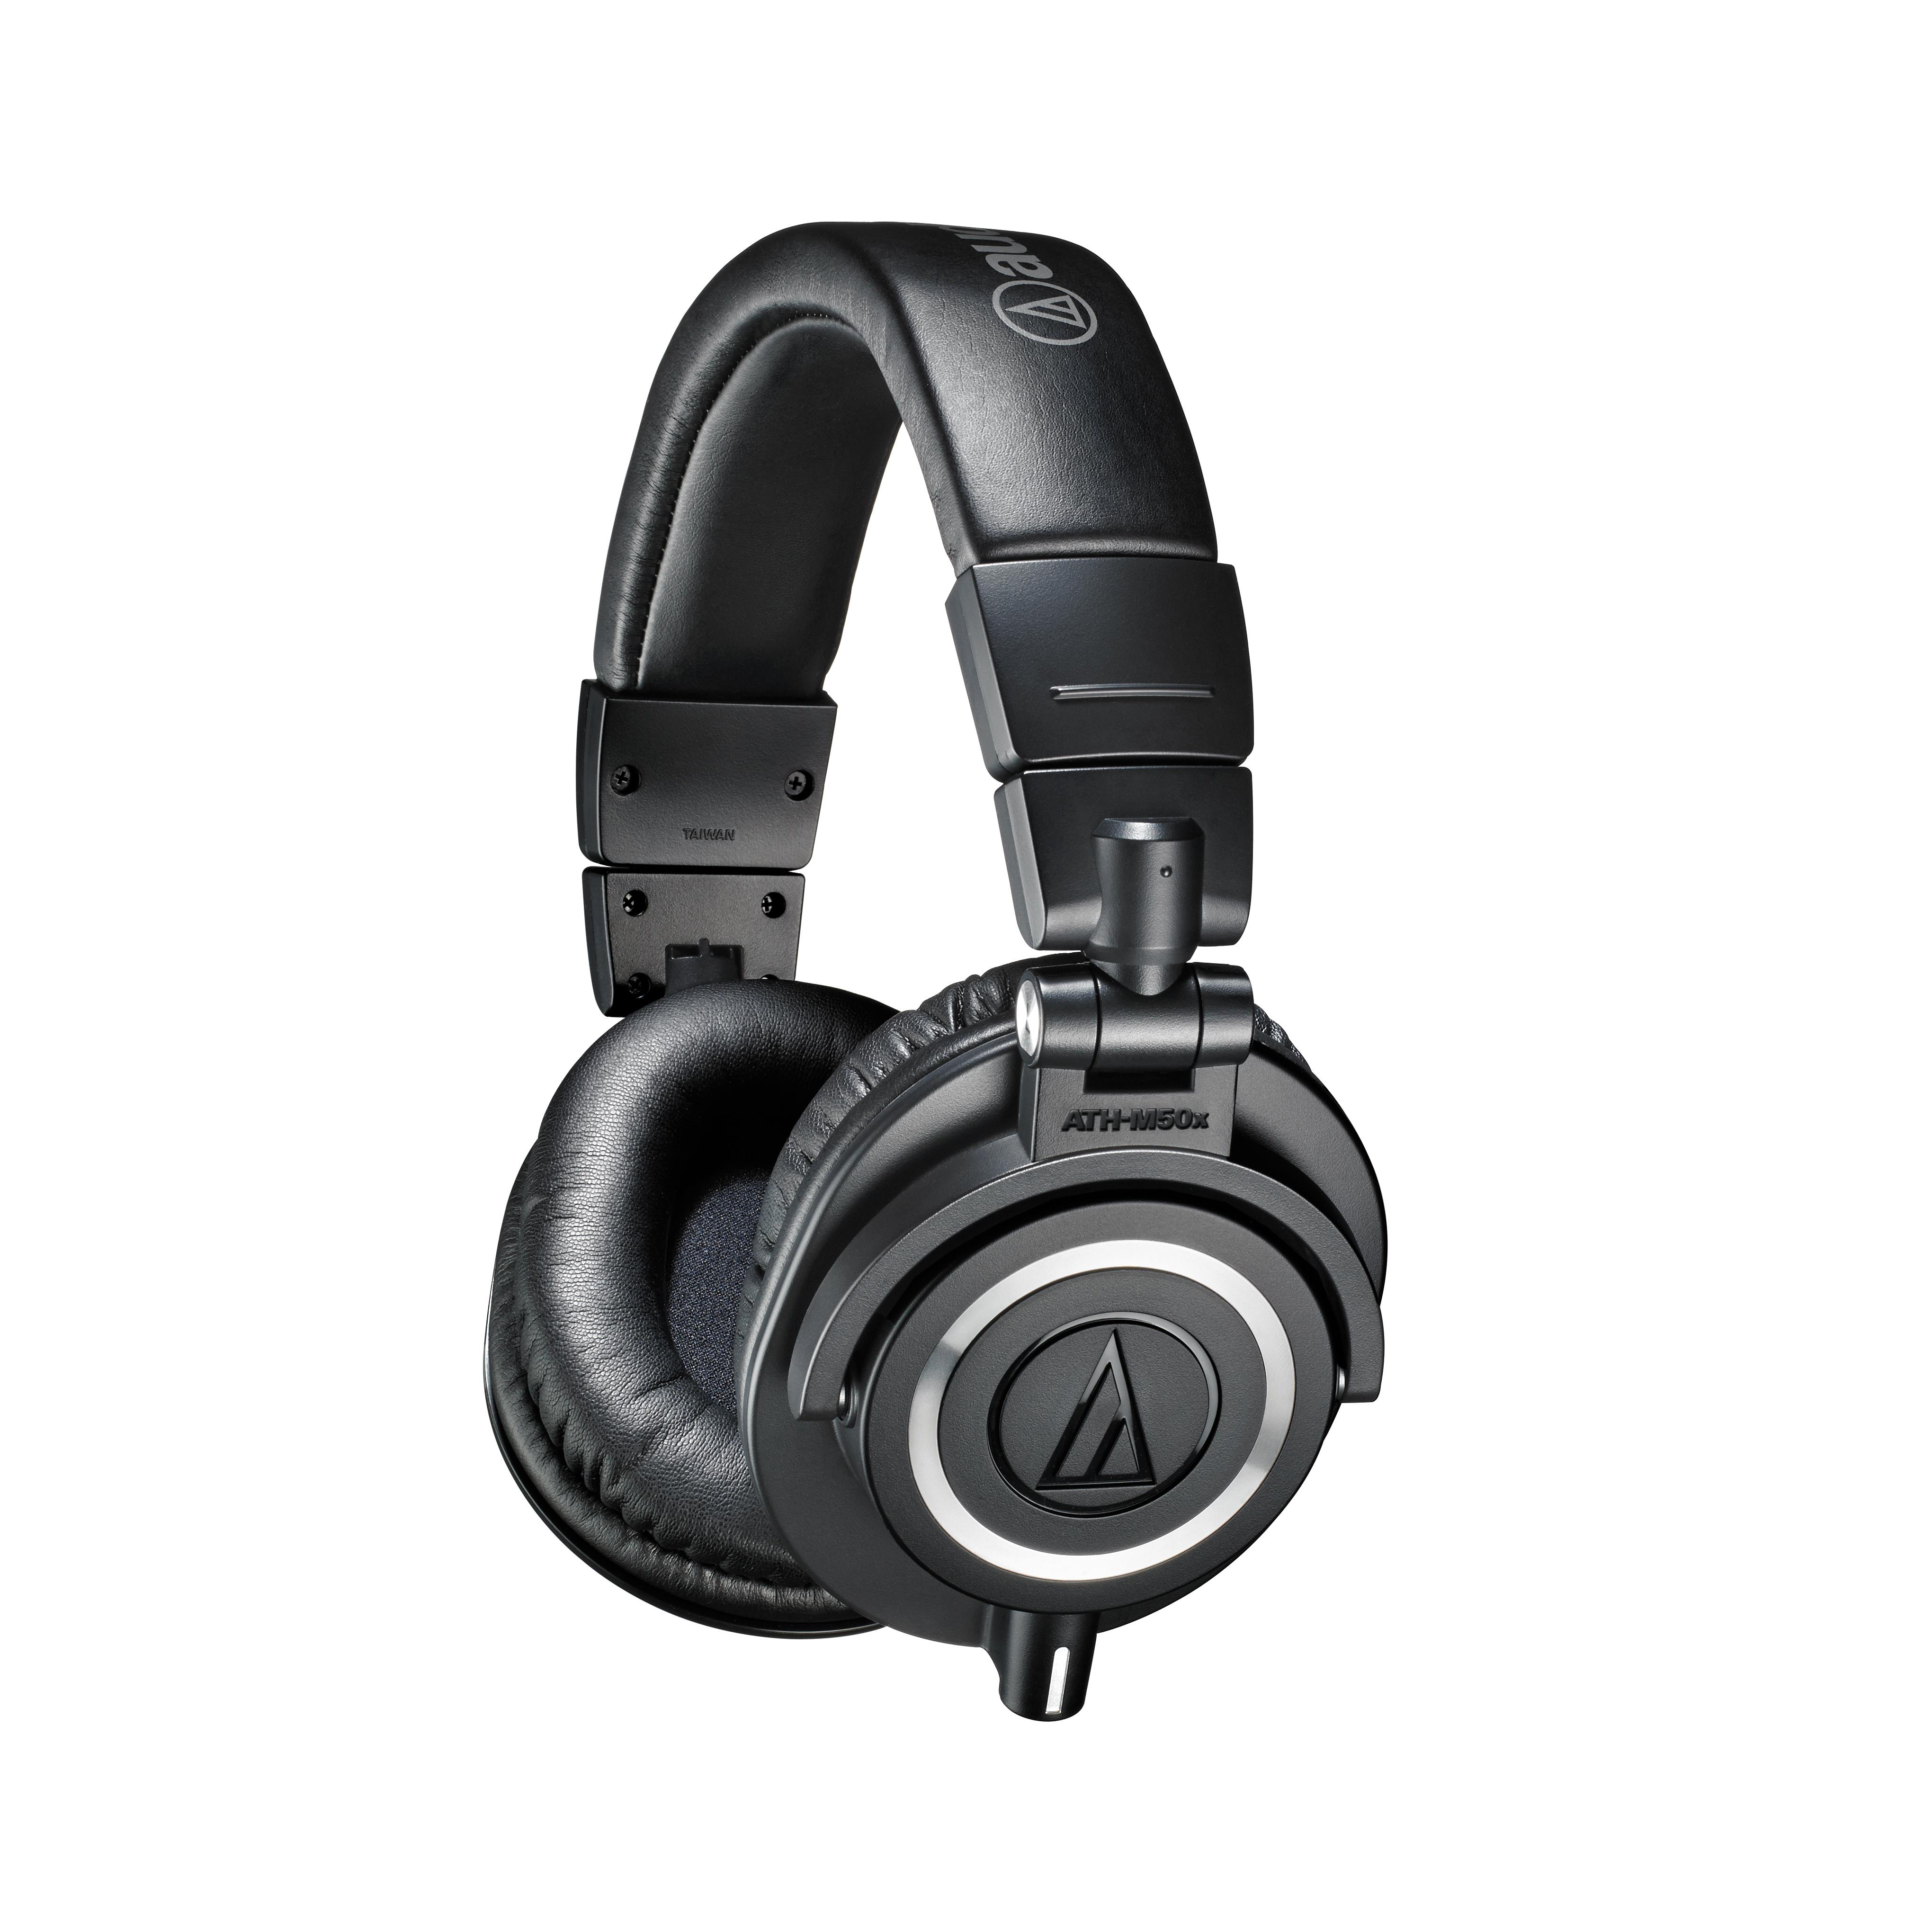 오디오테크니카 오버이어 밀폐형 모니터링 헤드폰 ATH-M50x, 블랙